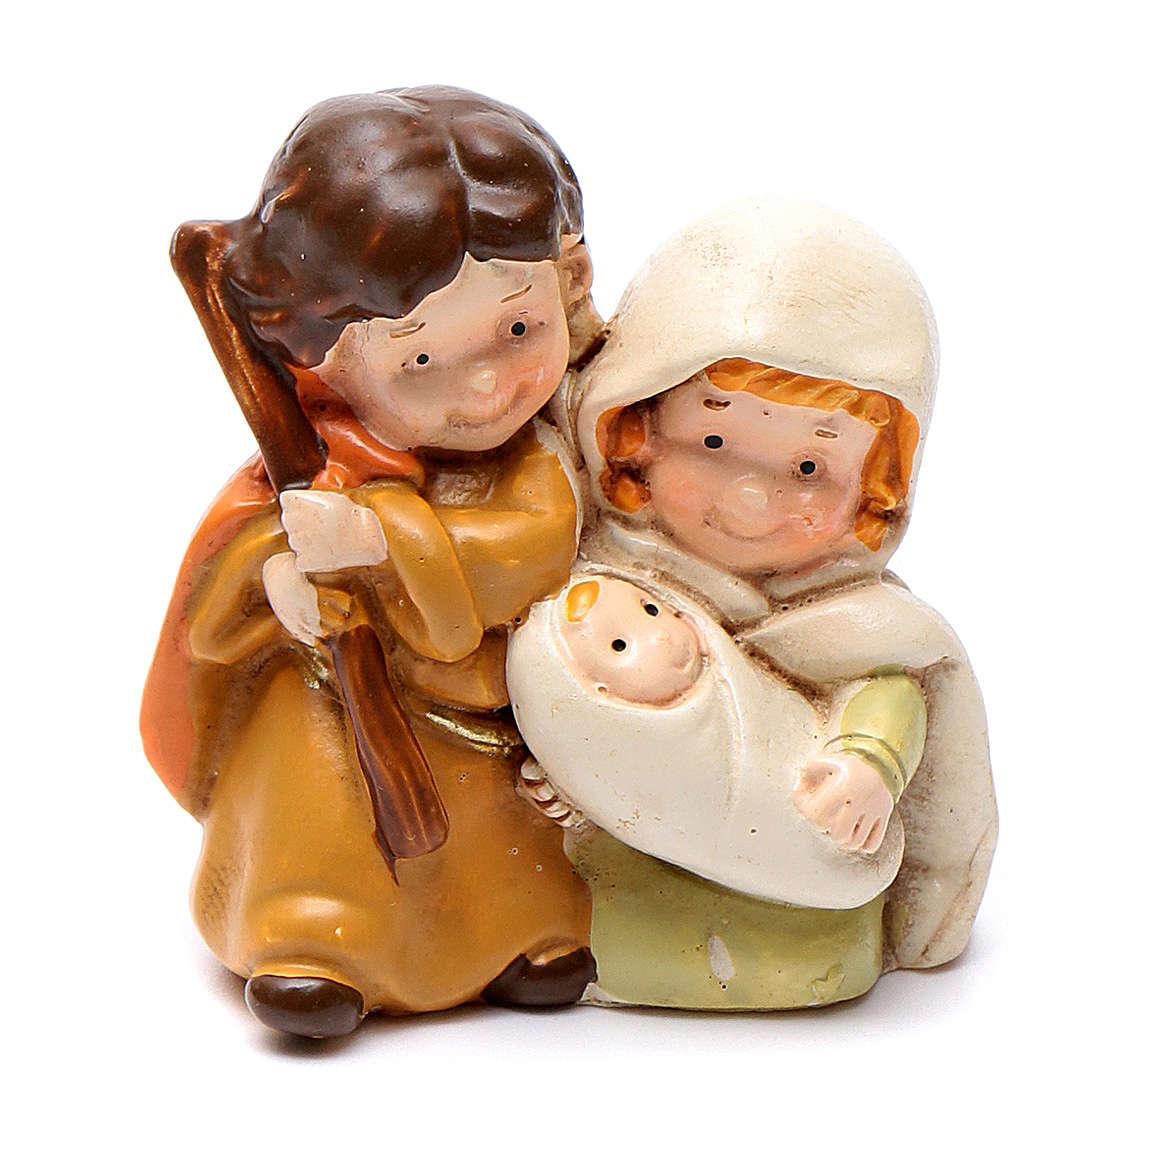 Nativité en résine 4 cm gamme enfants 3